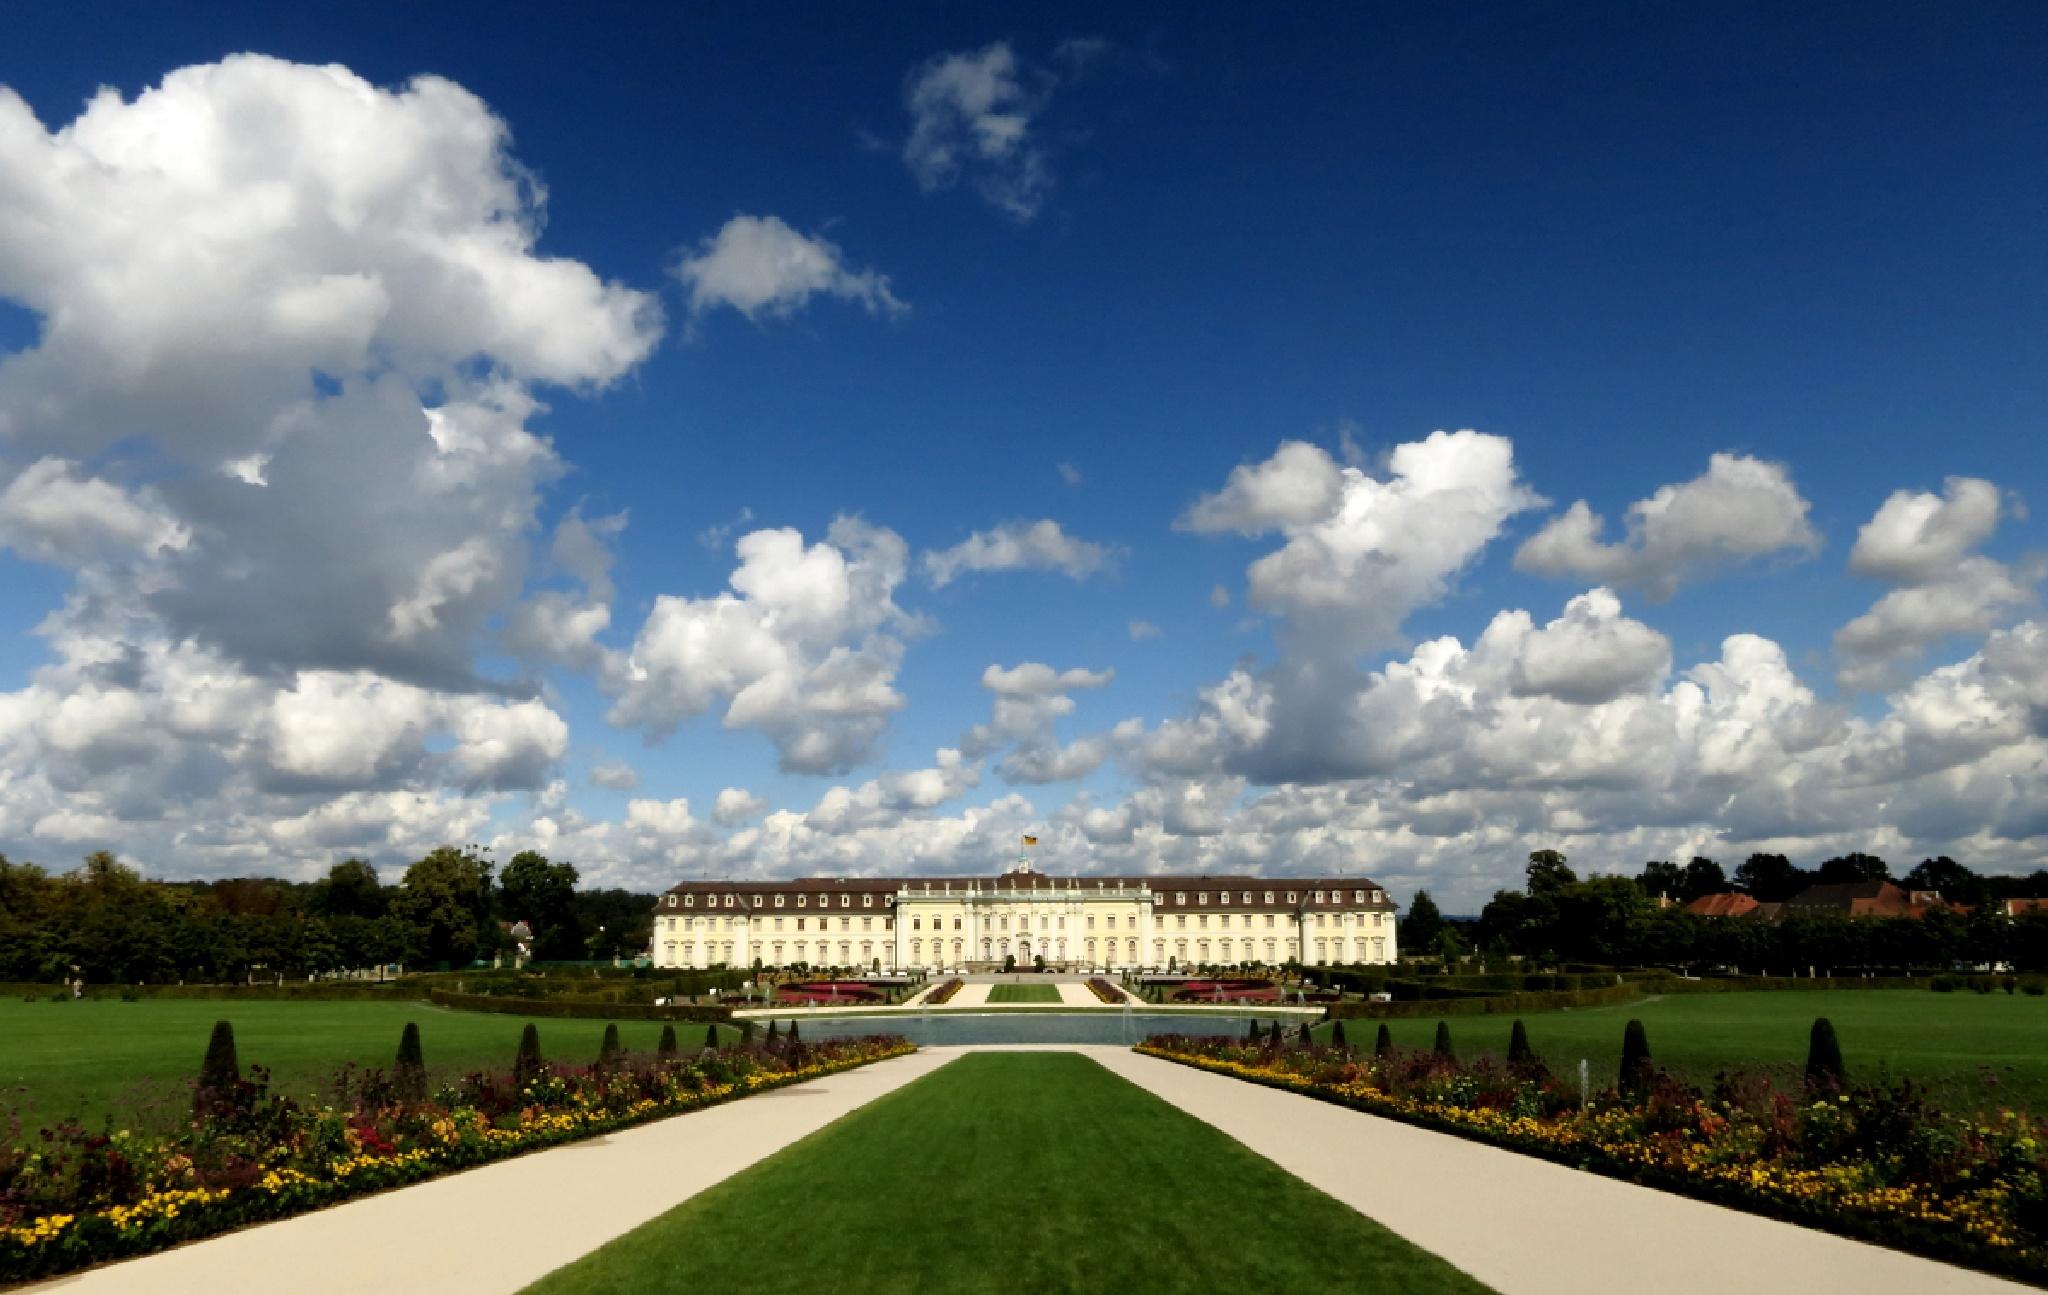 Castle Ludwigsburg by FSFoto